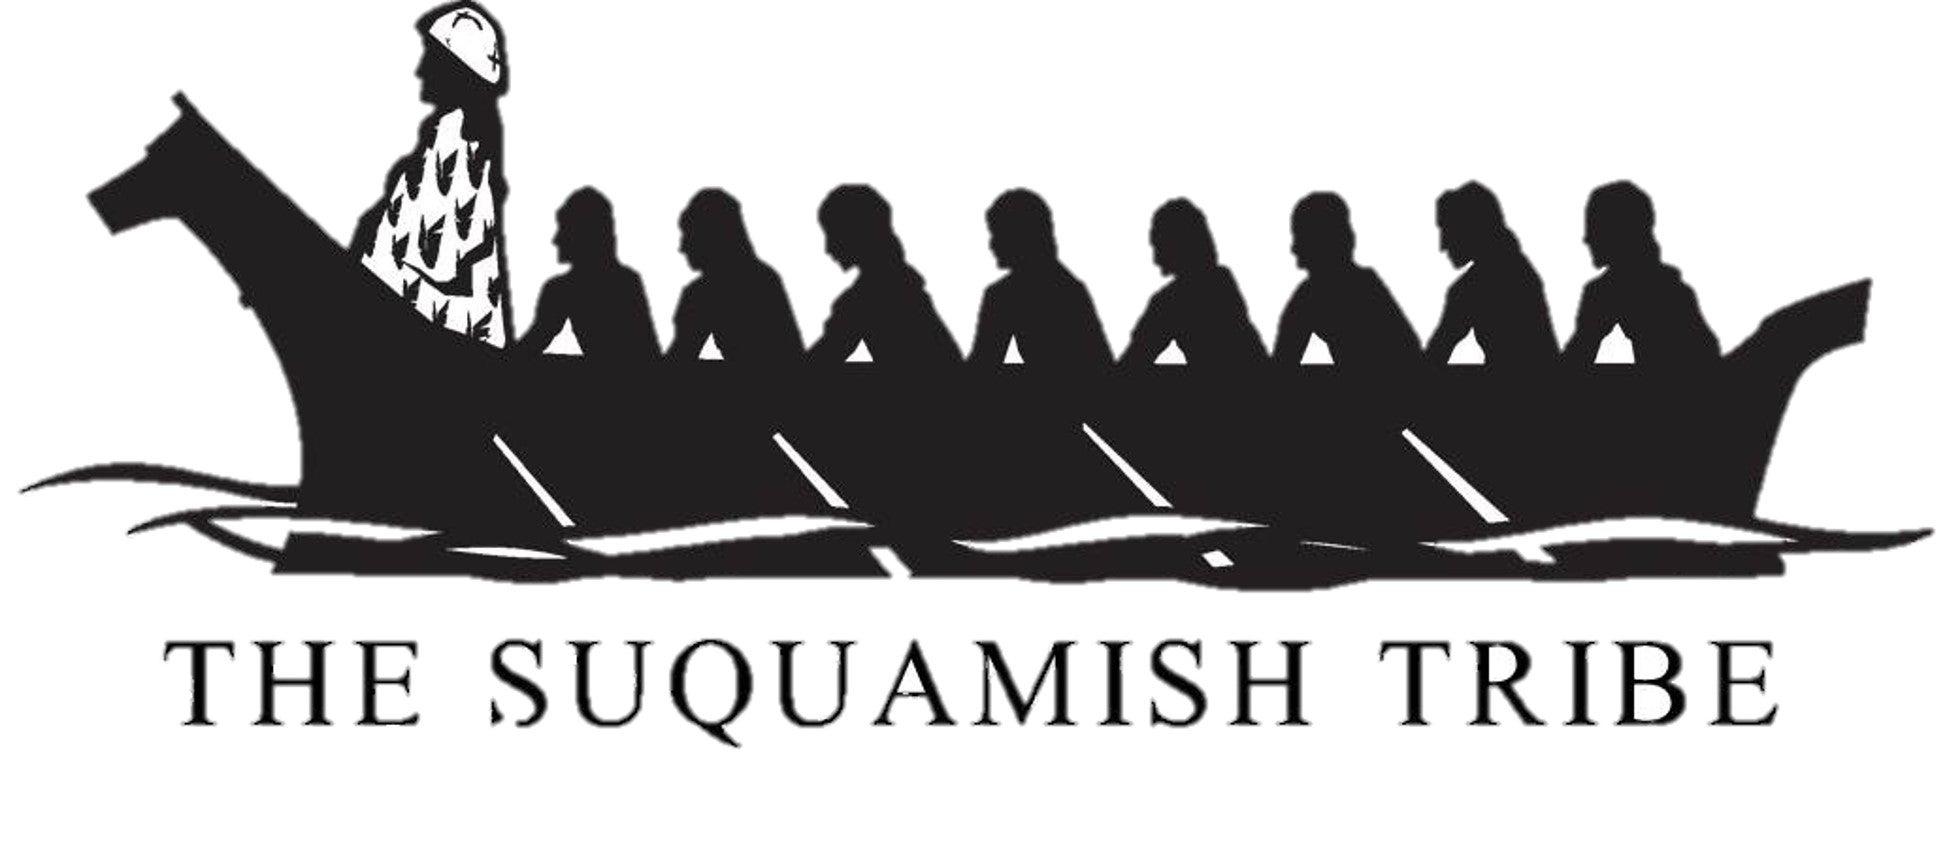 Suquamish Indian Tribe logo